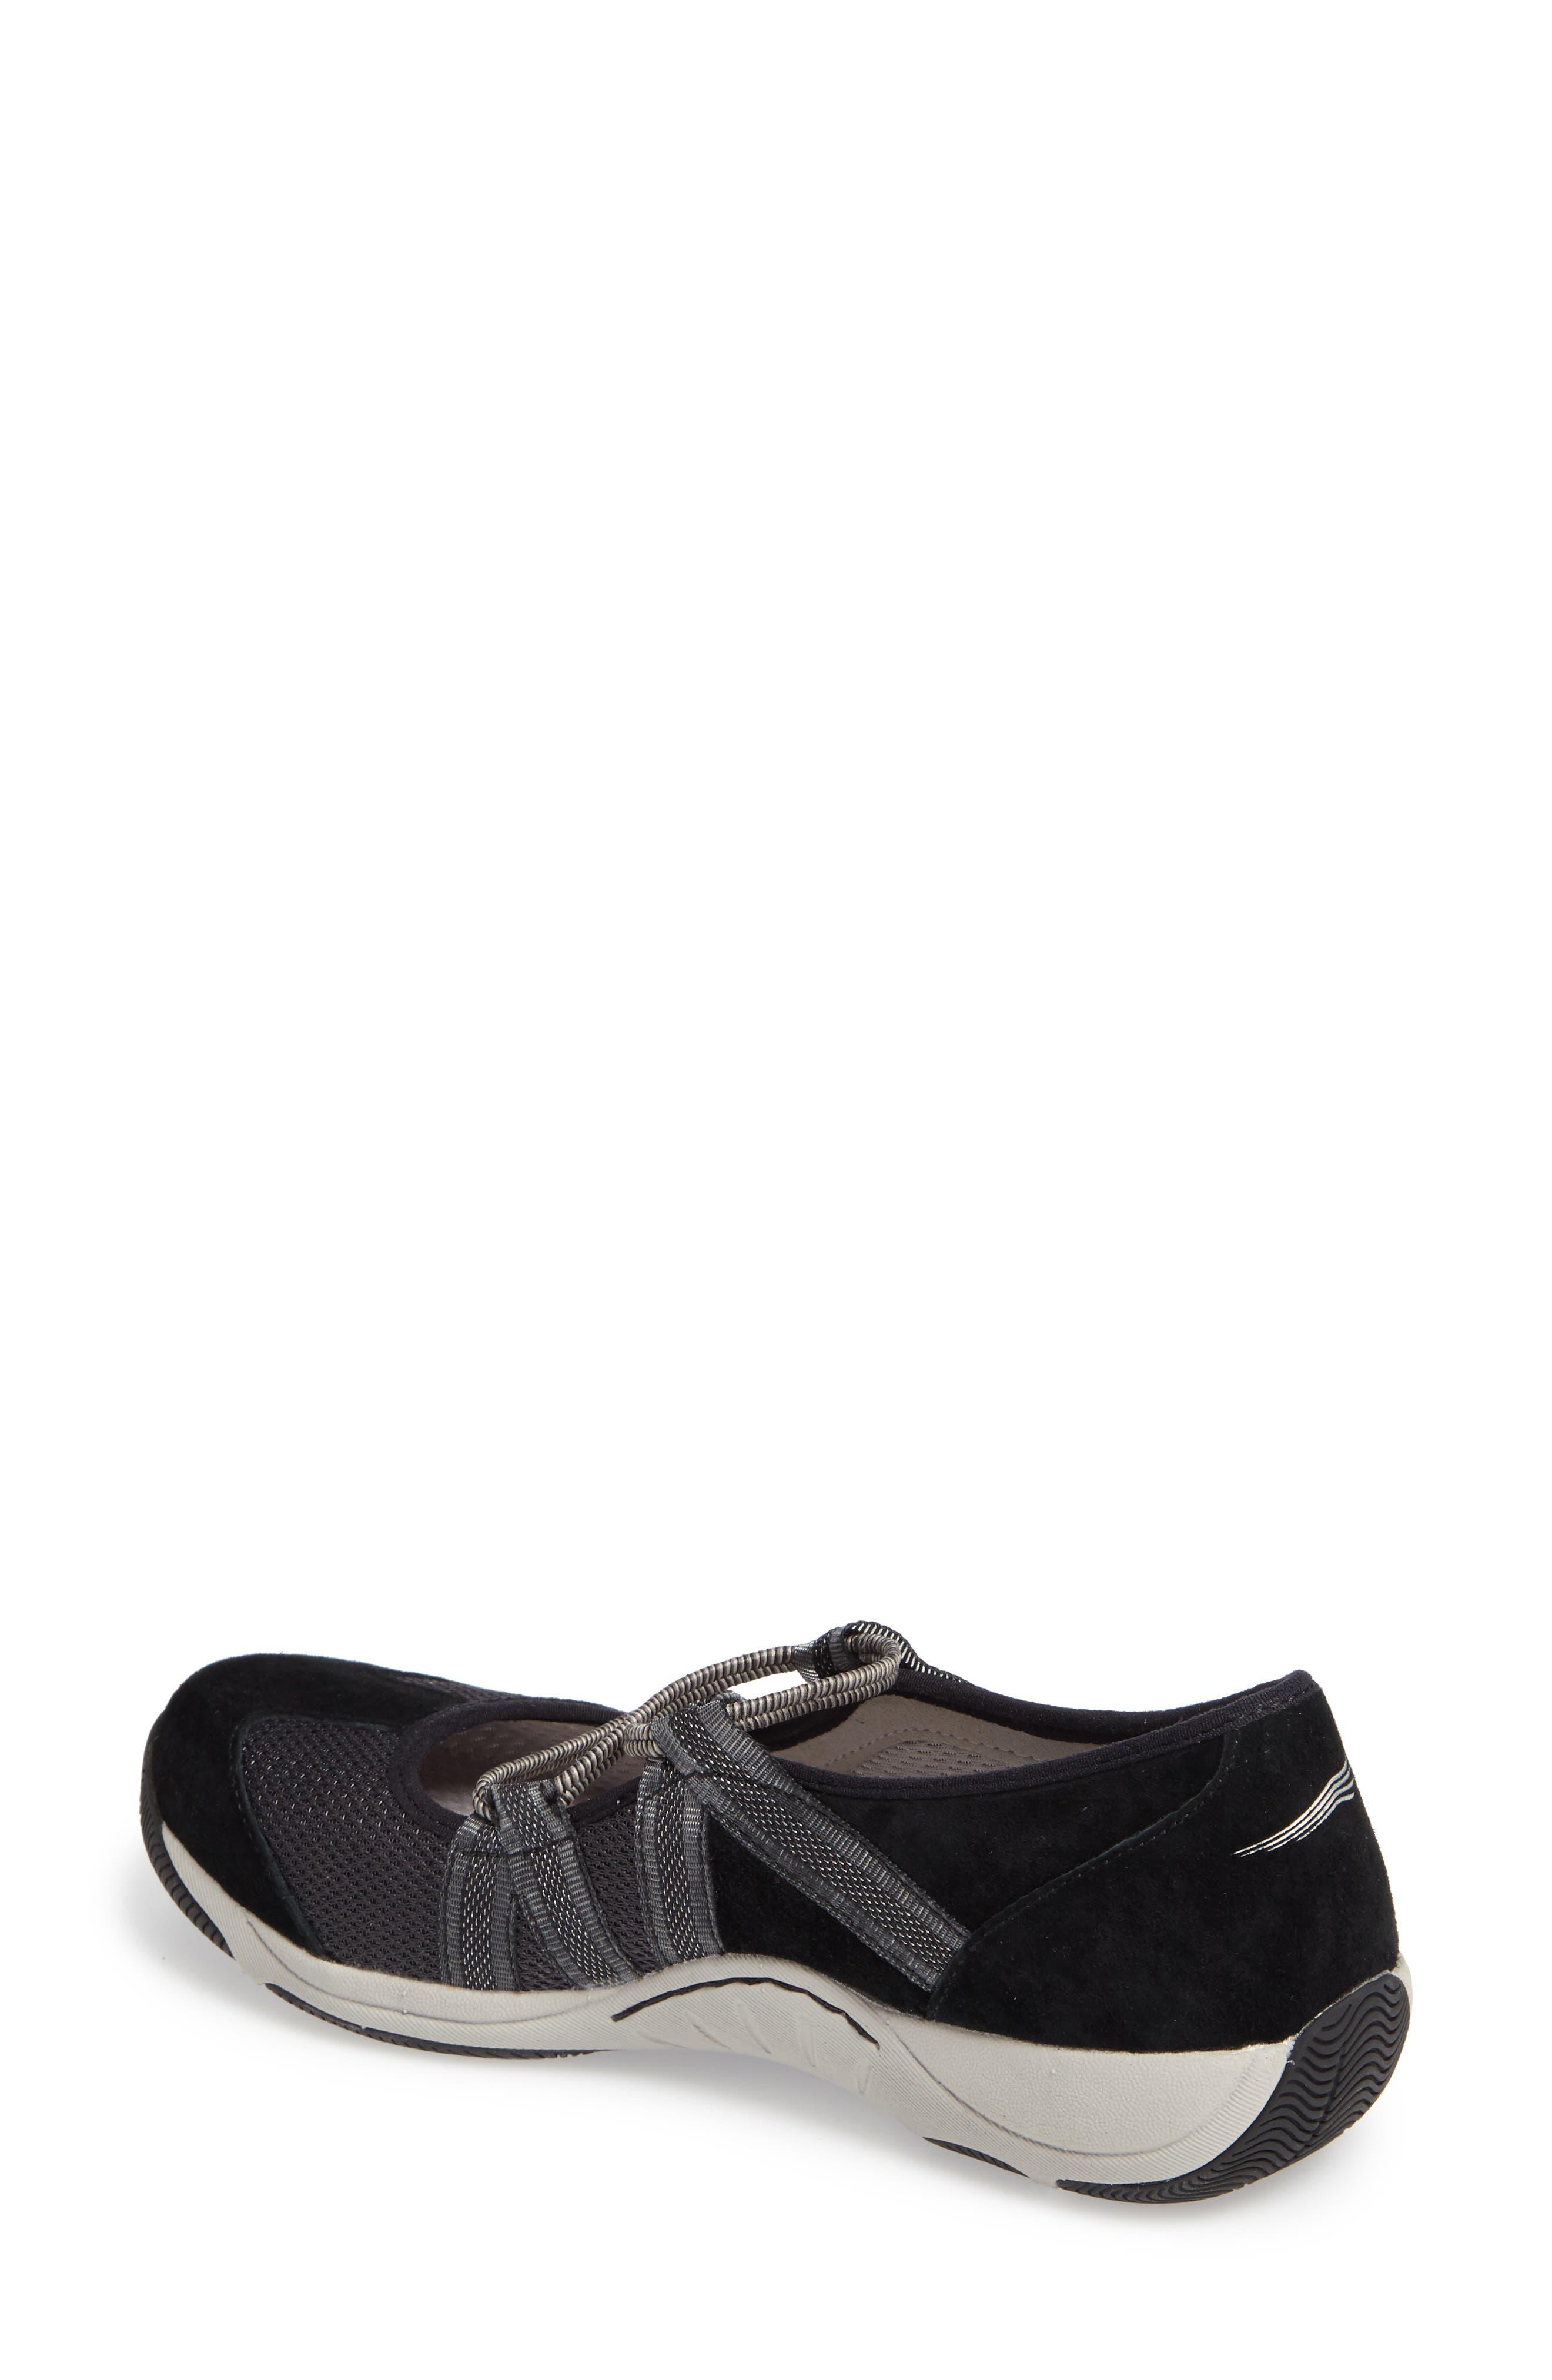 Honey Slip-On Sneaker,                             Alternate thumbnail 2, color,                             Black Suede